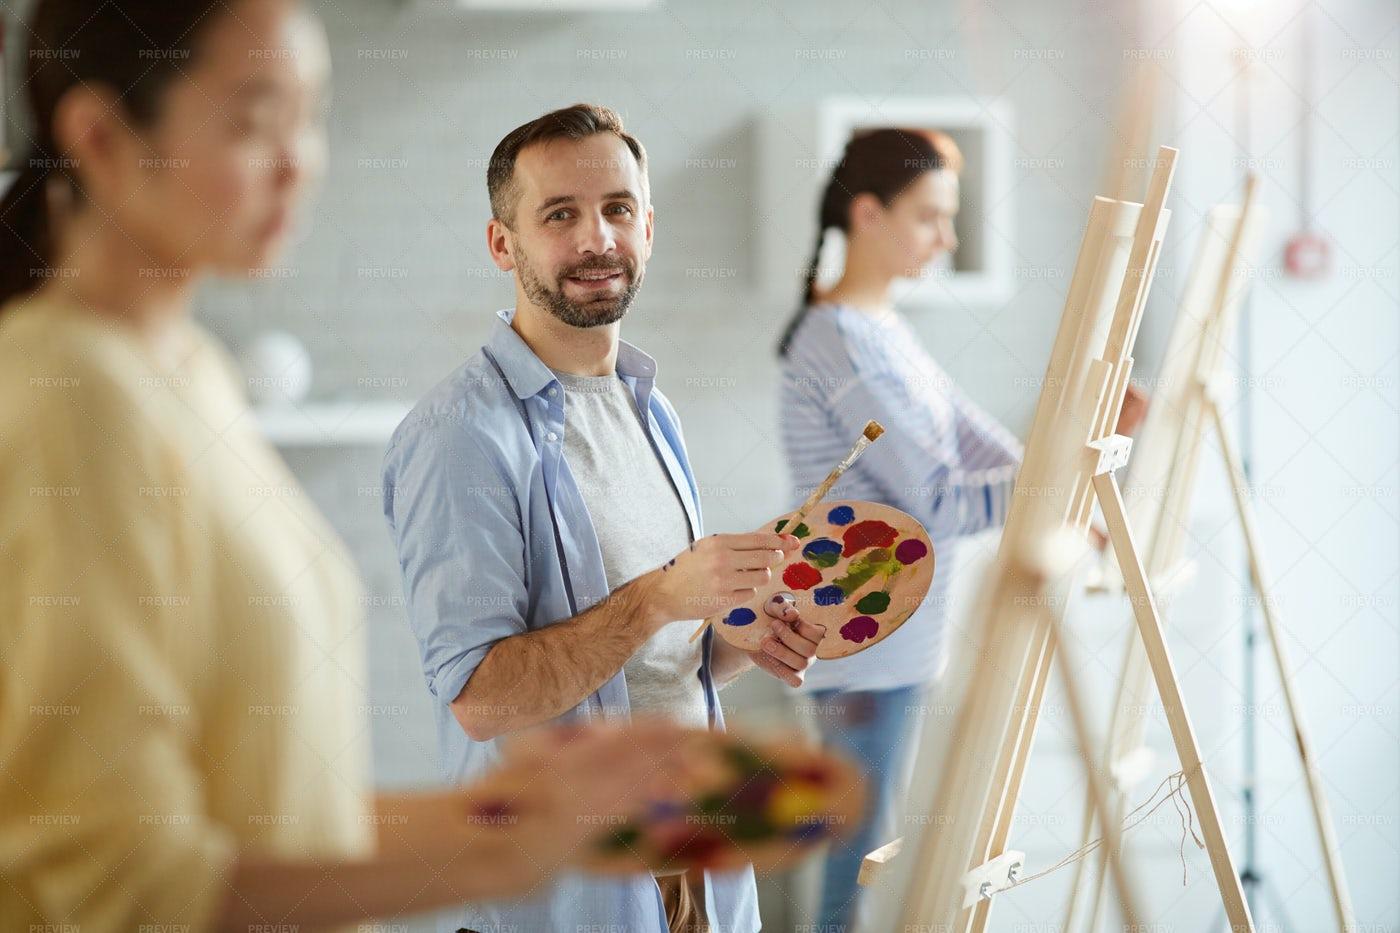 Work In Studio Of Arts: Stock Photos